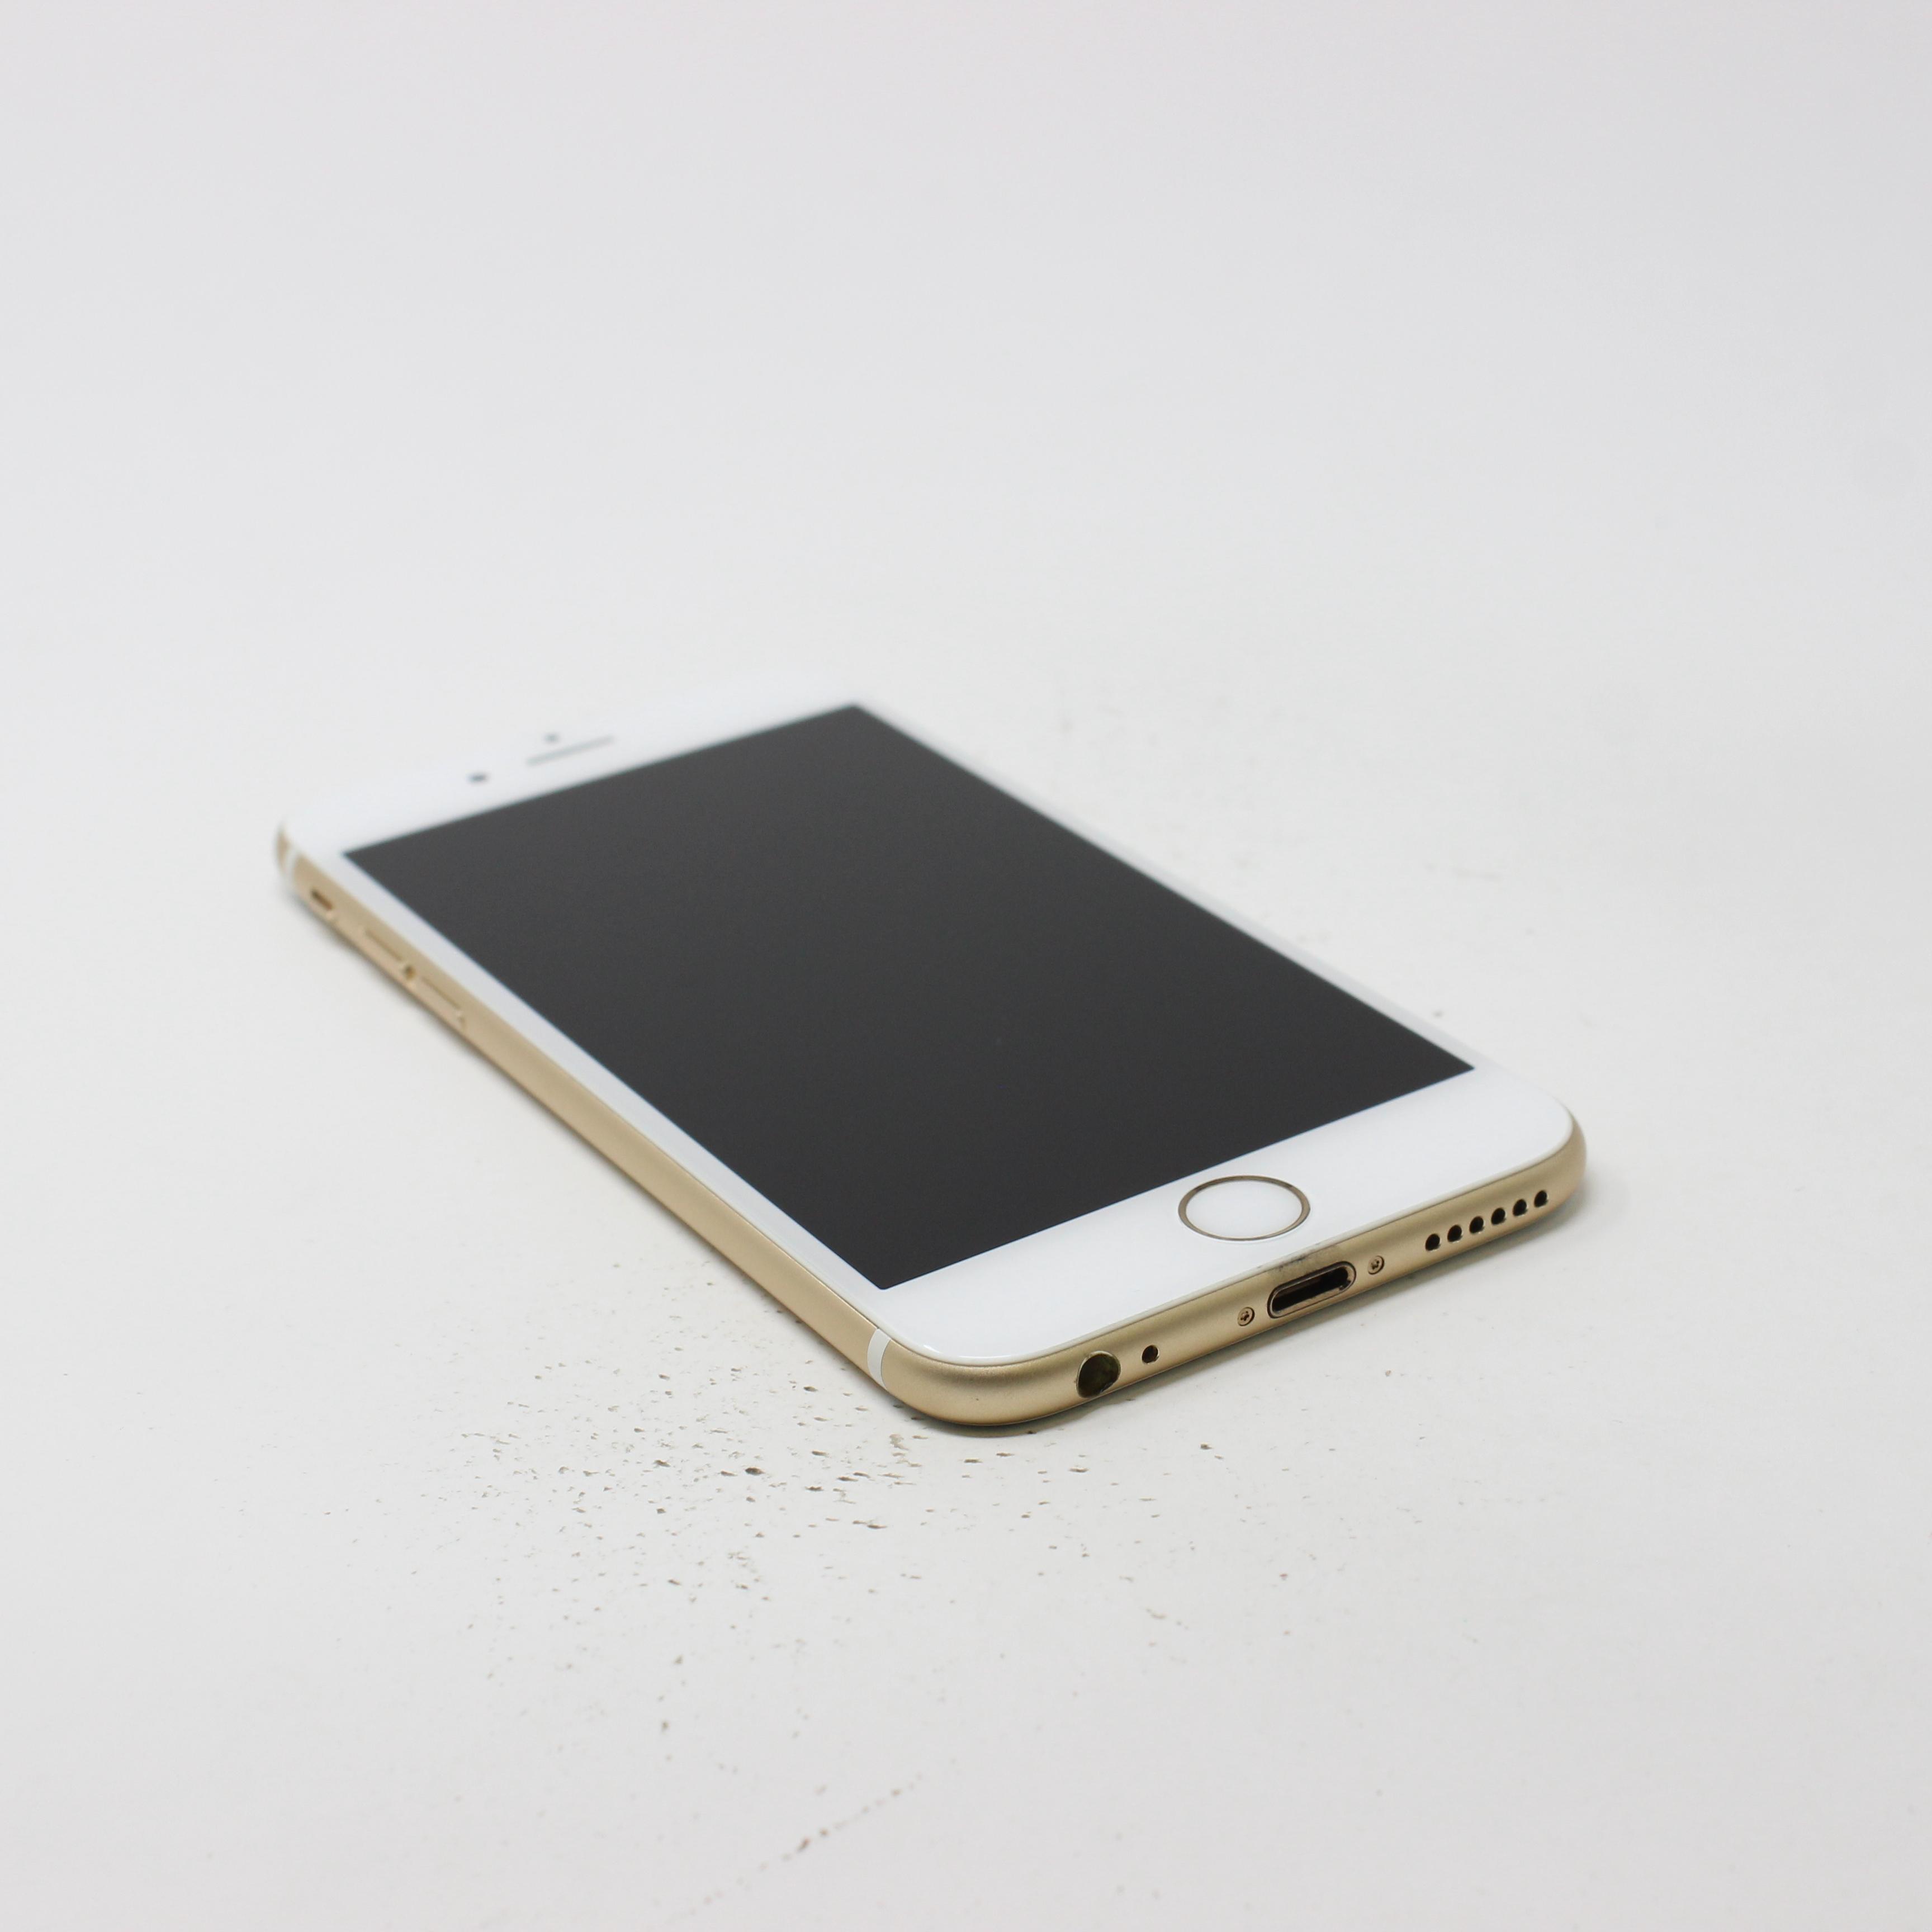 iPhone 6S 16GB Gold - T-Mobile photo 5   UpTradeit.com